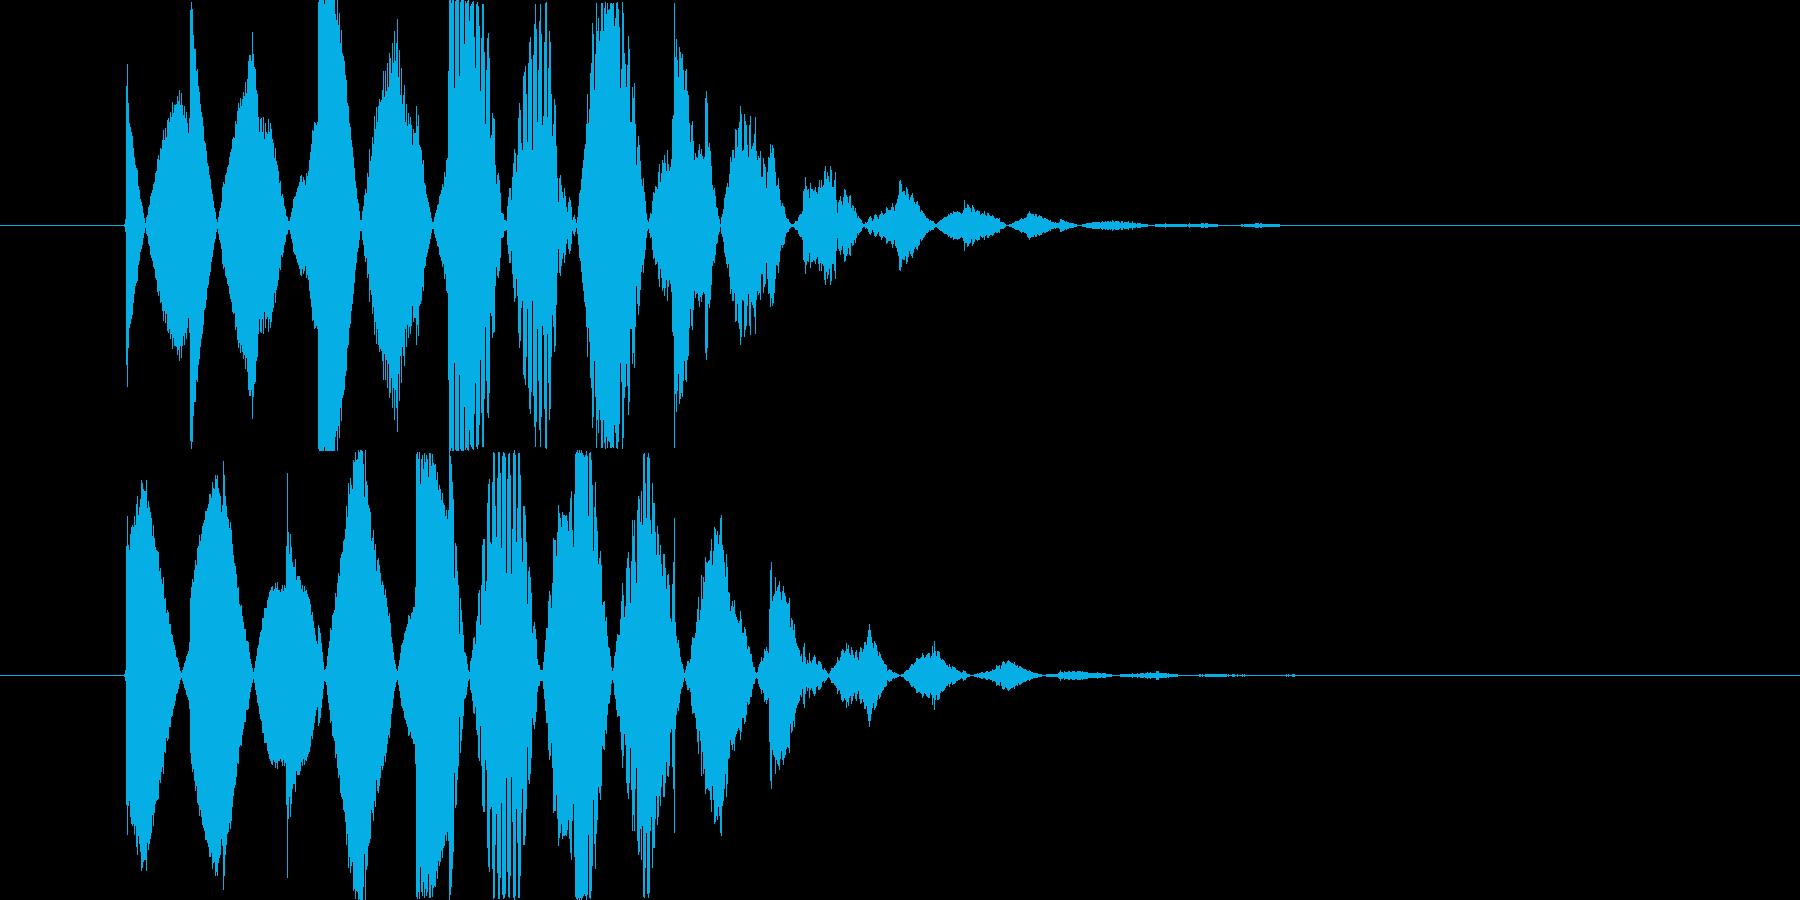 優しいベルの音 の再生済みの波形